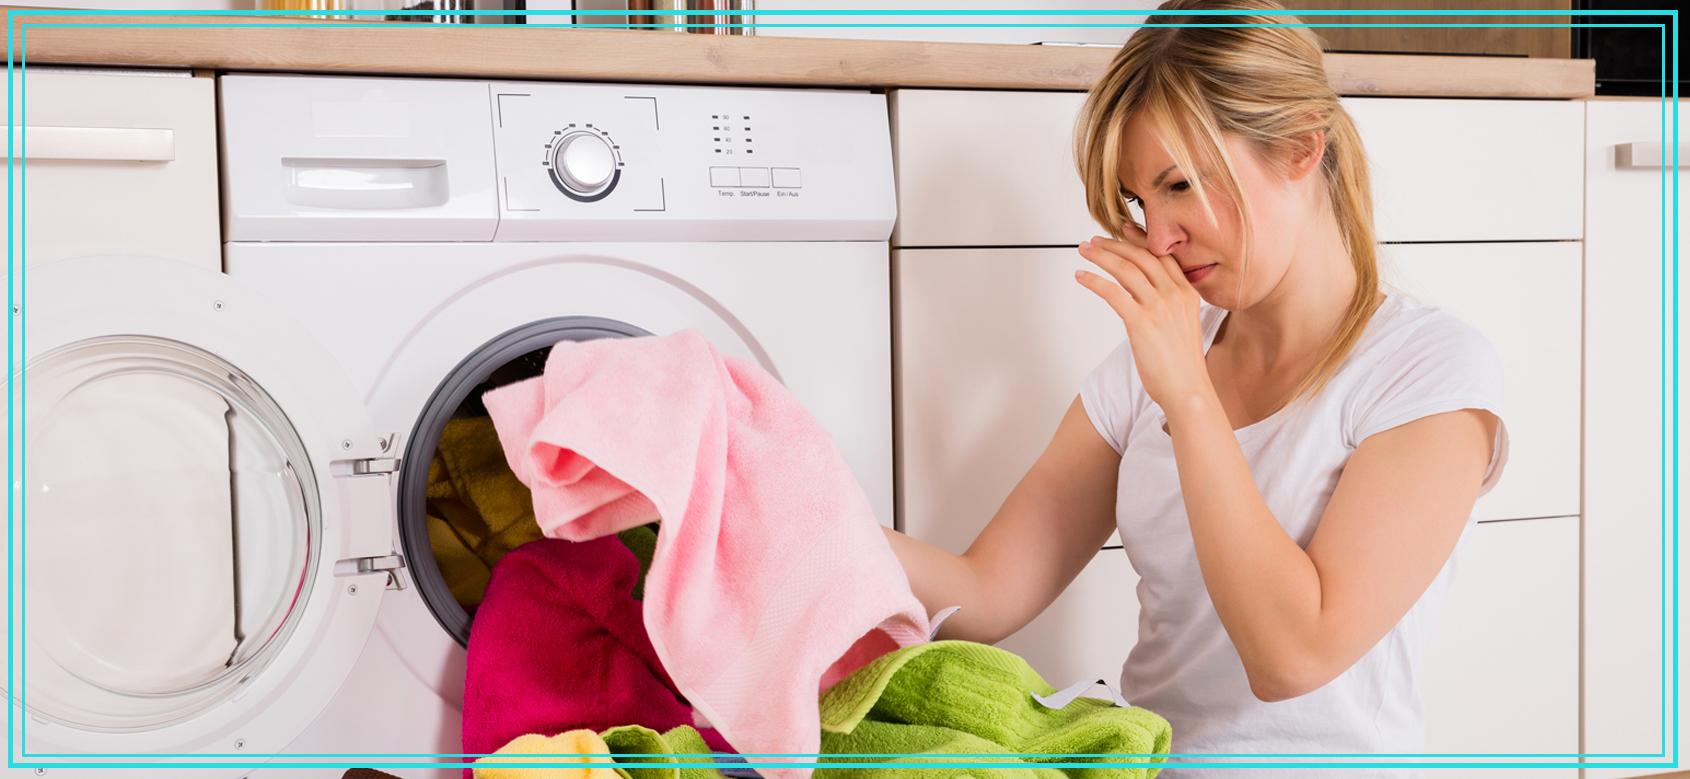 la lavandera detergente olores